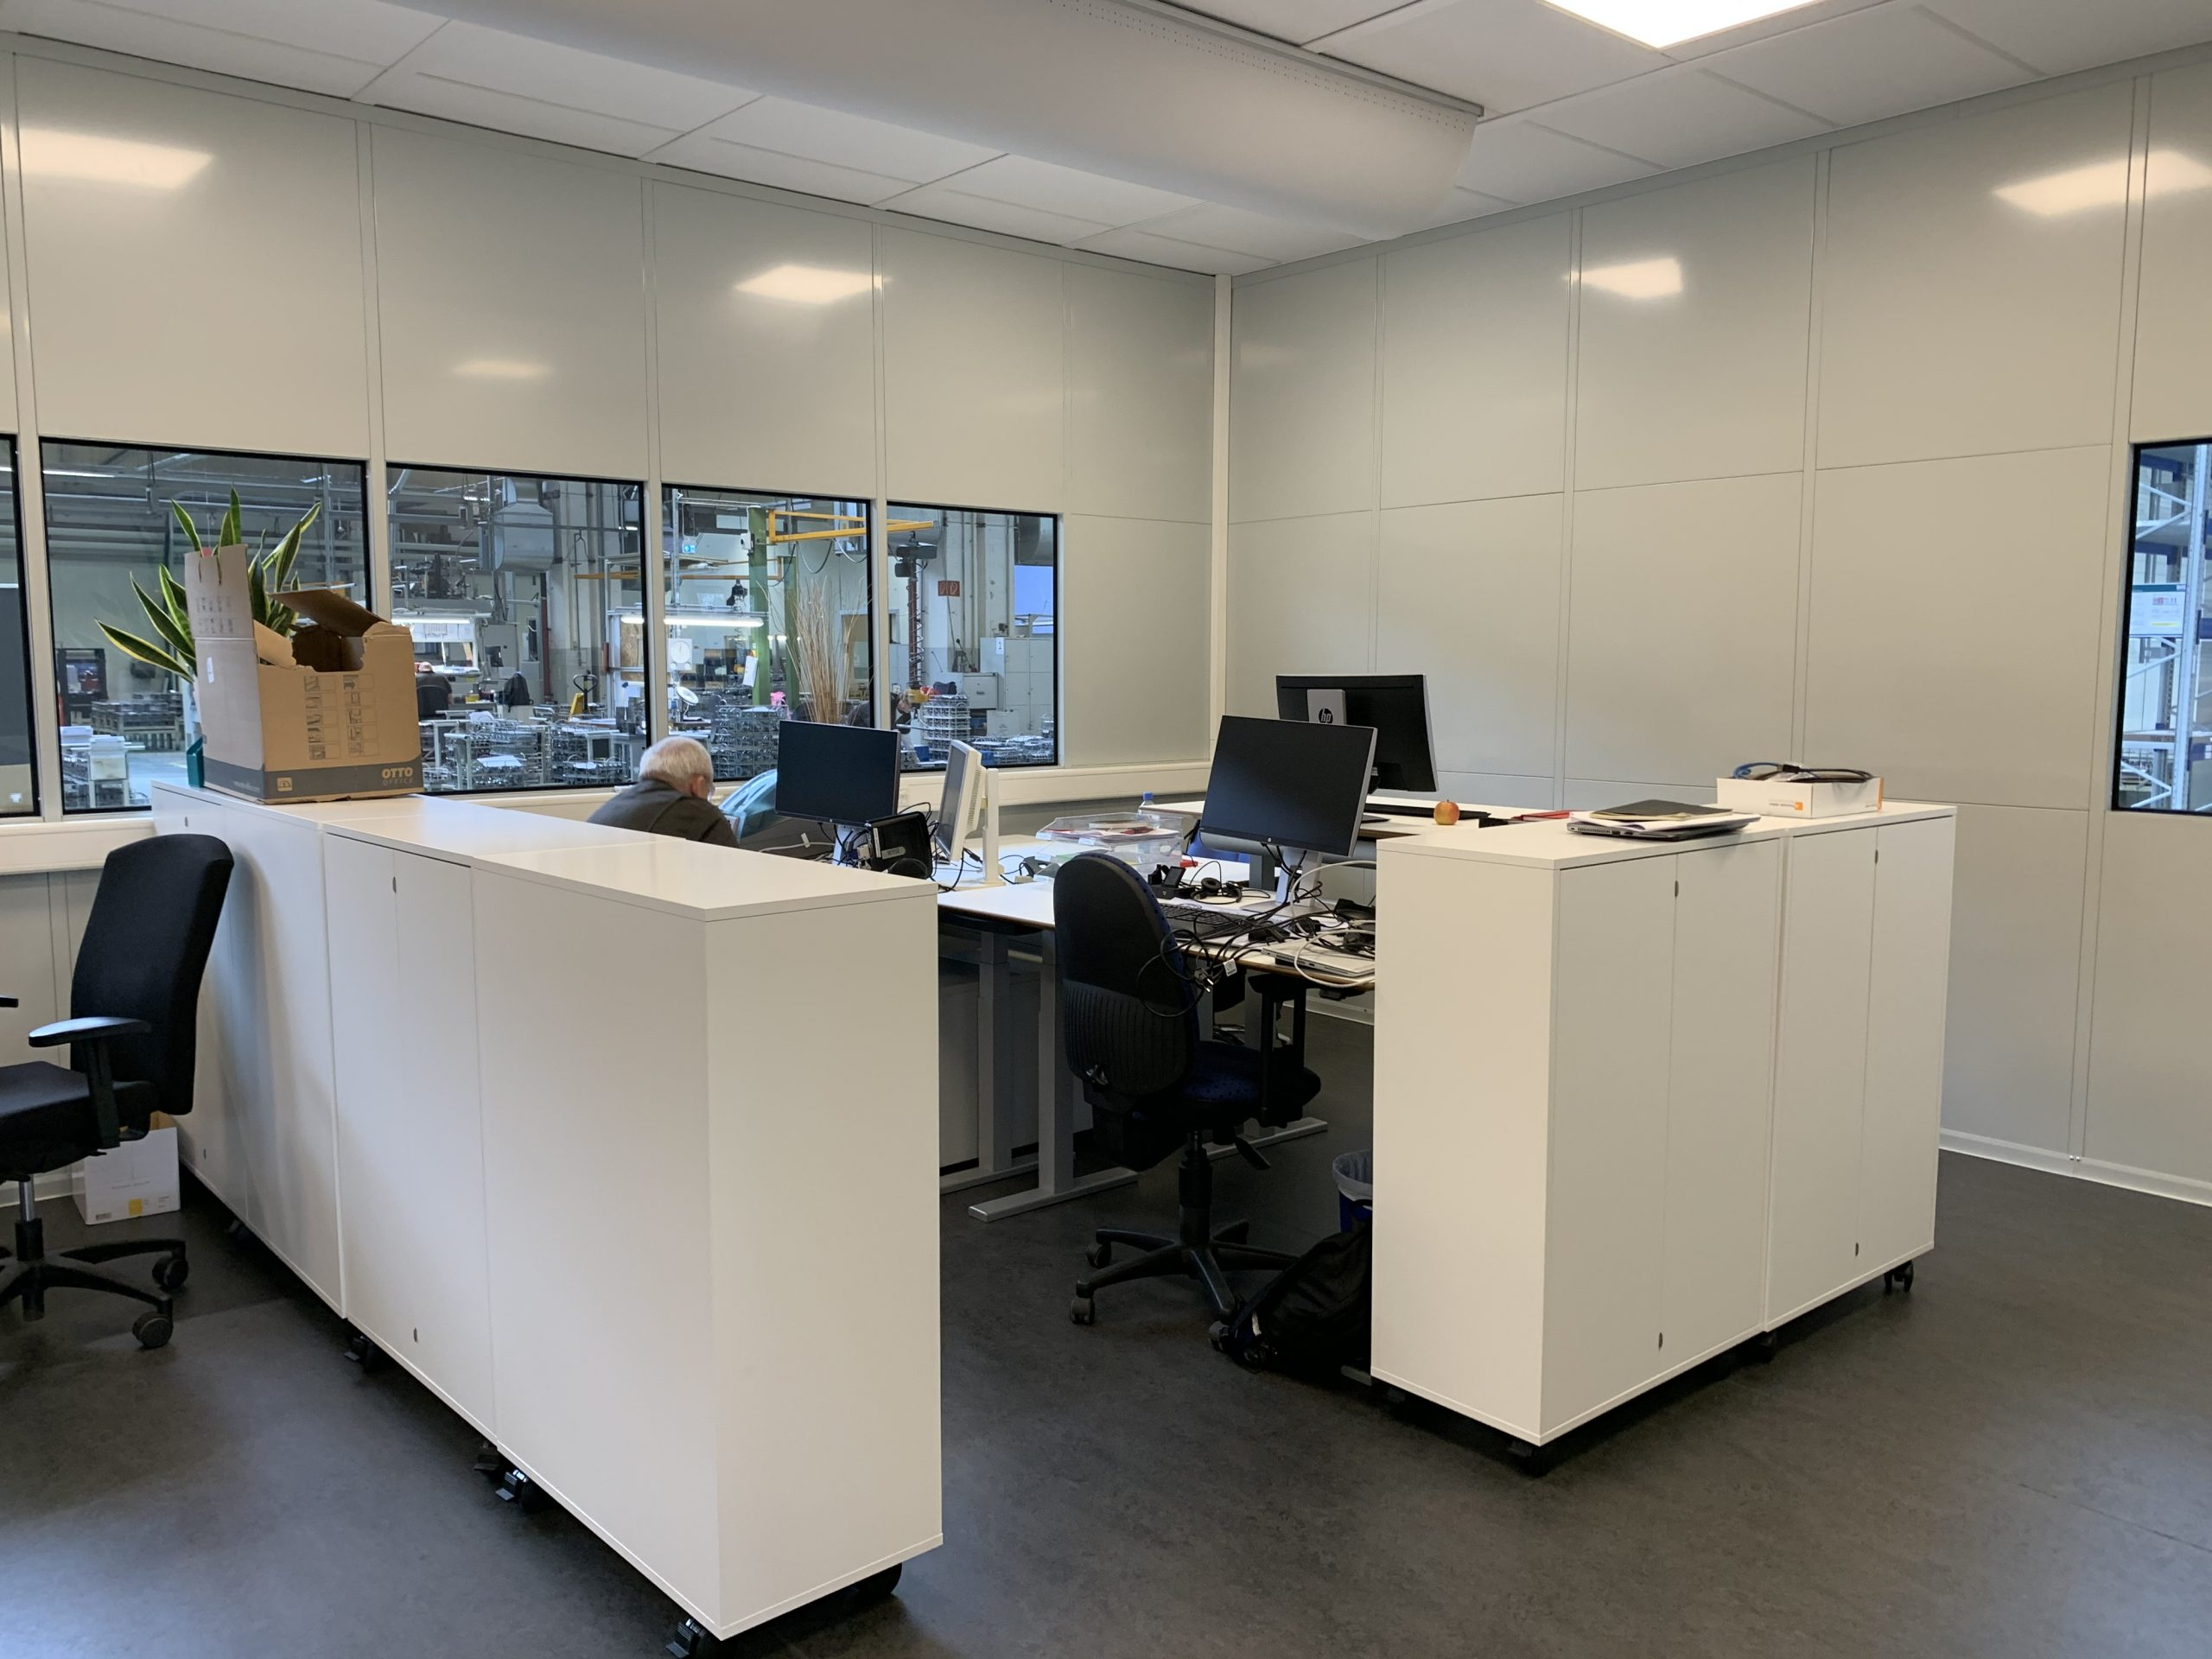 Kontor i produktionsmiljø